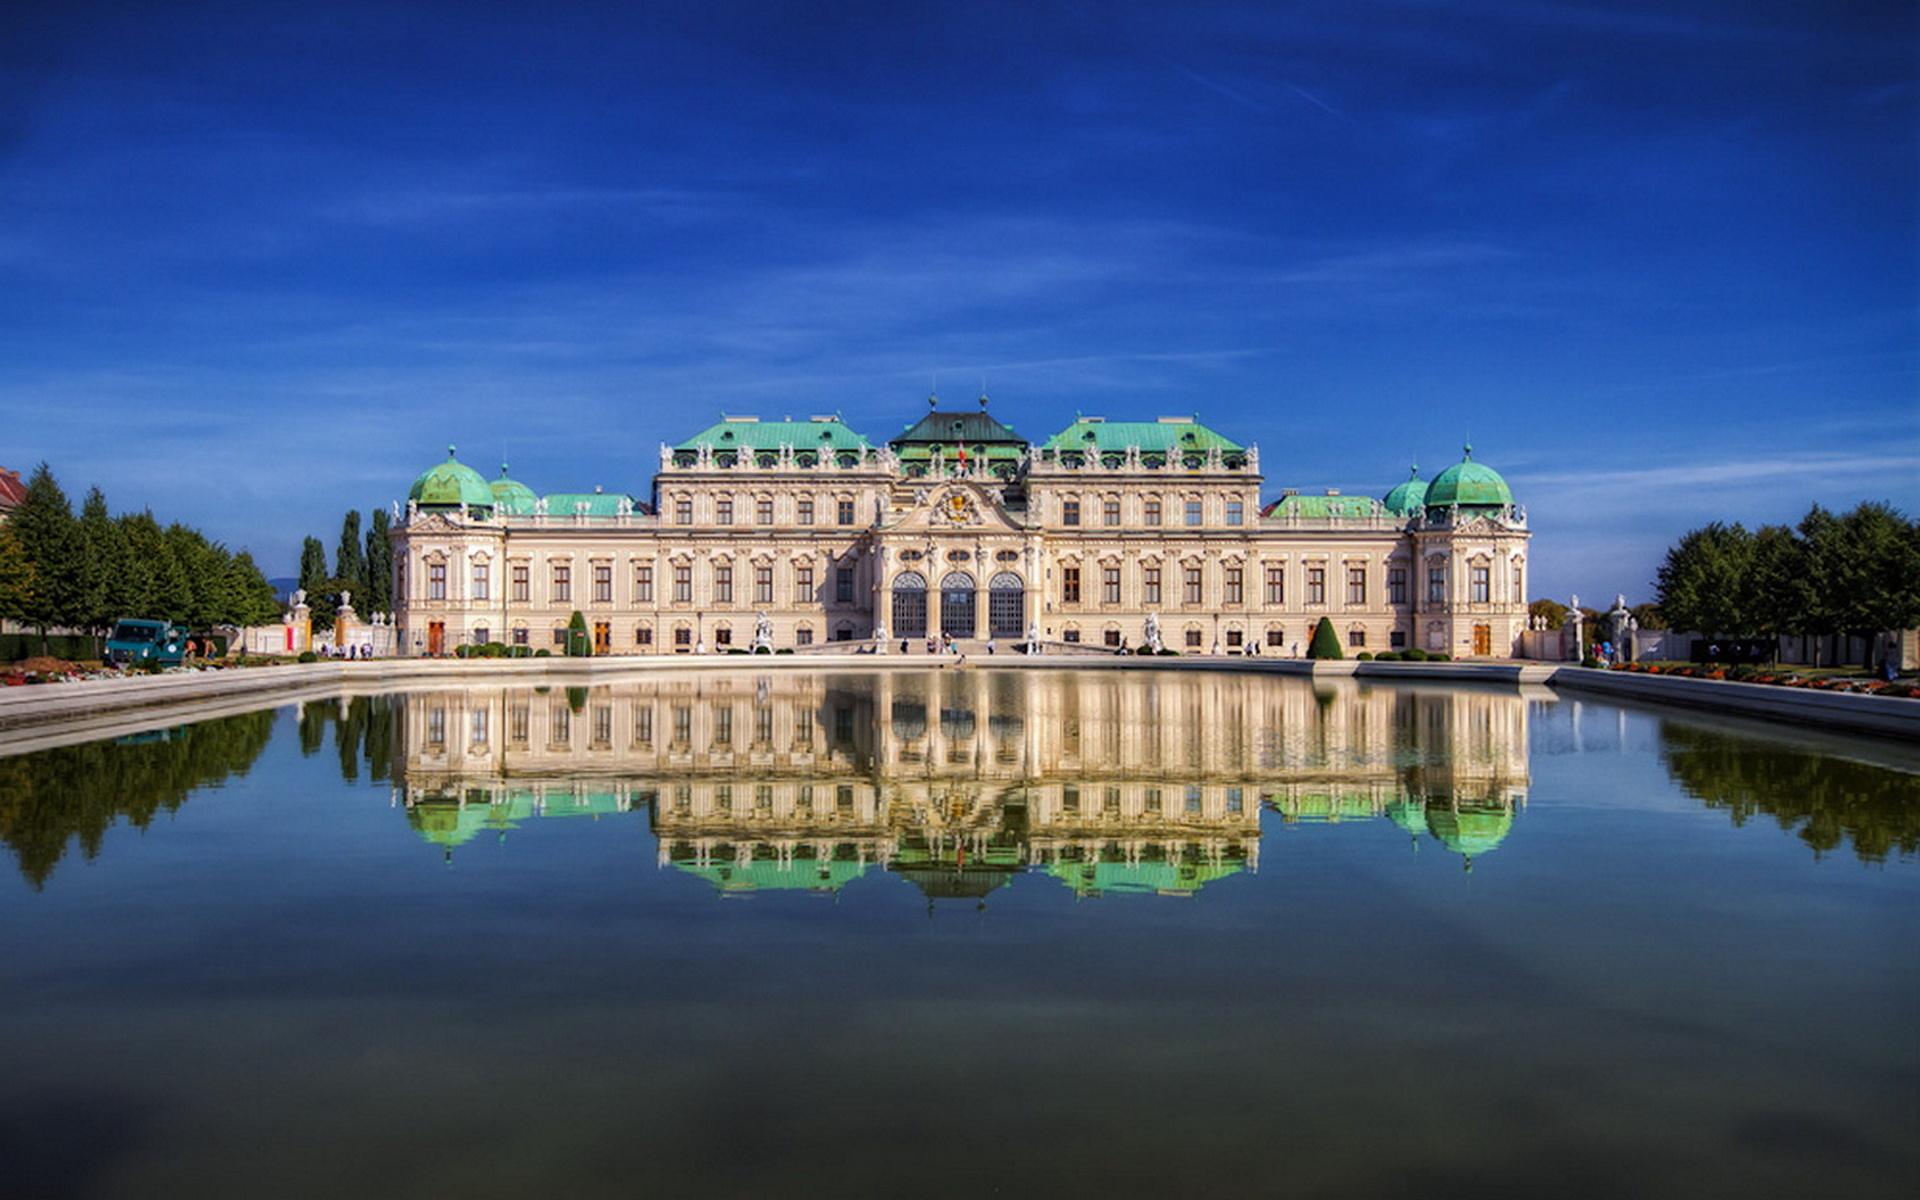 австрия, вена, замок, красота, замки австрии, замки мира,, небо,